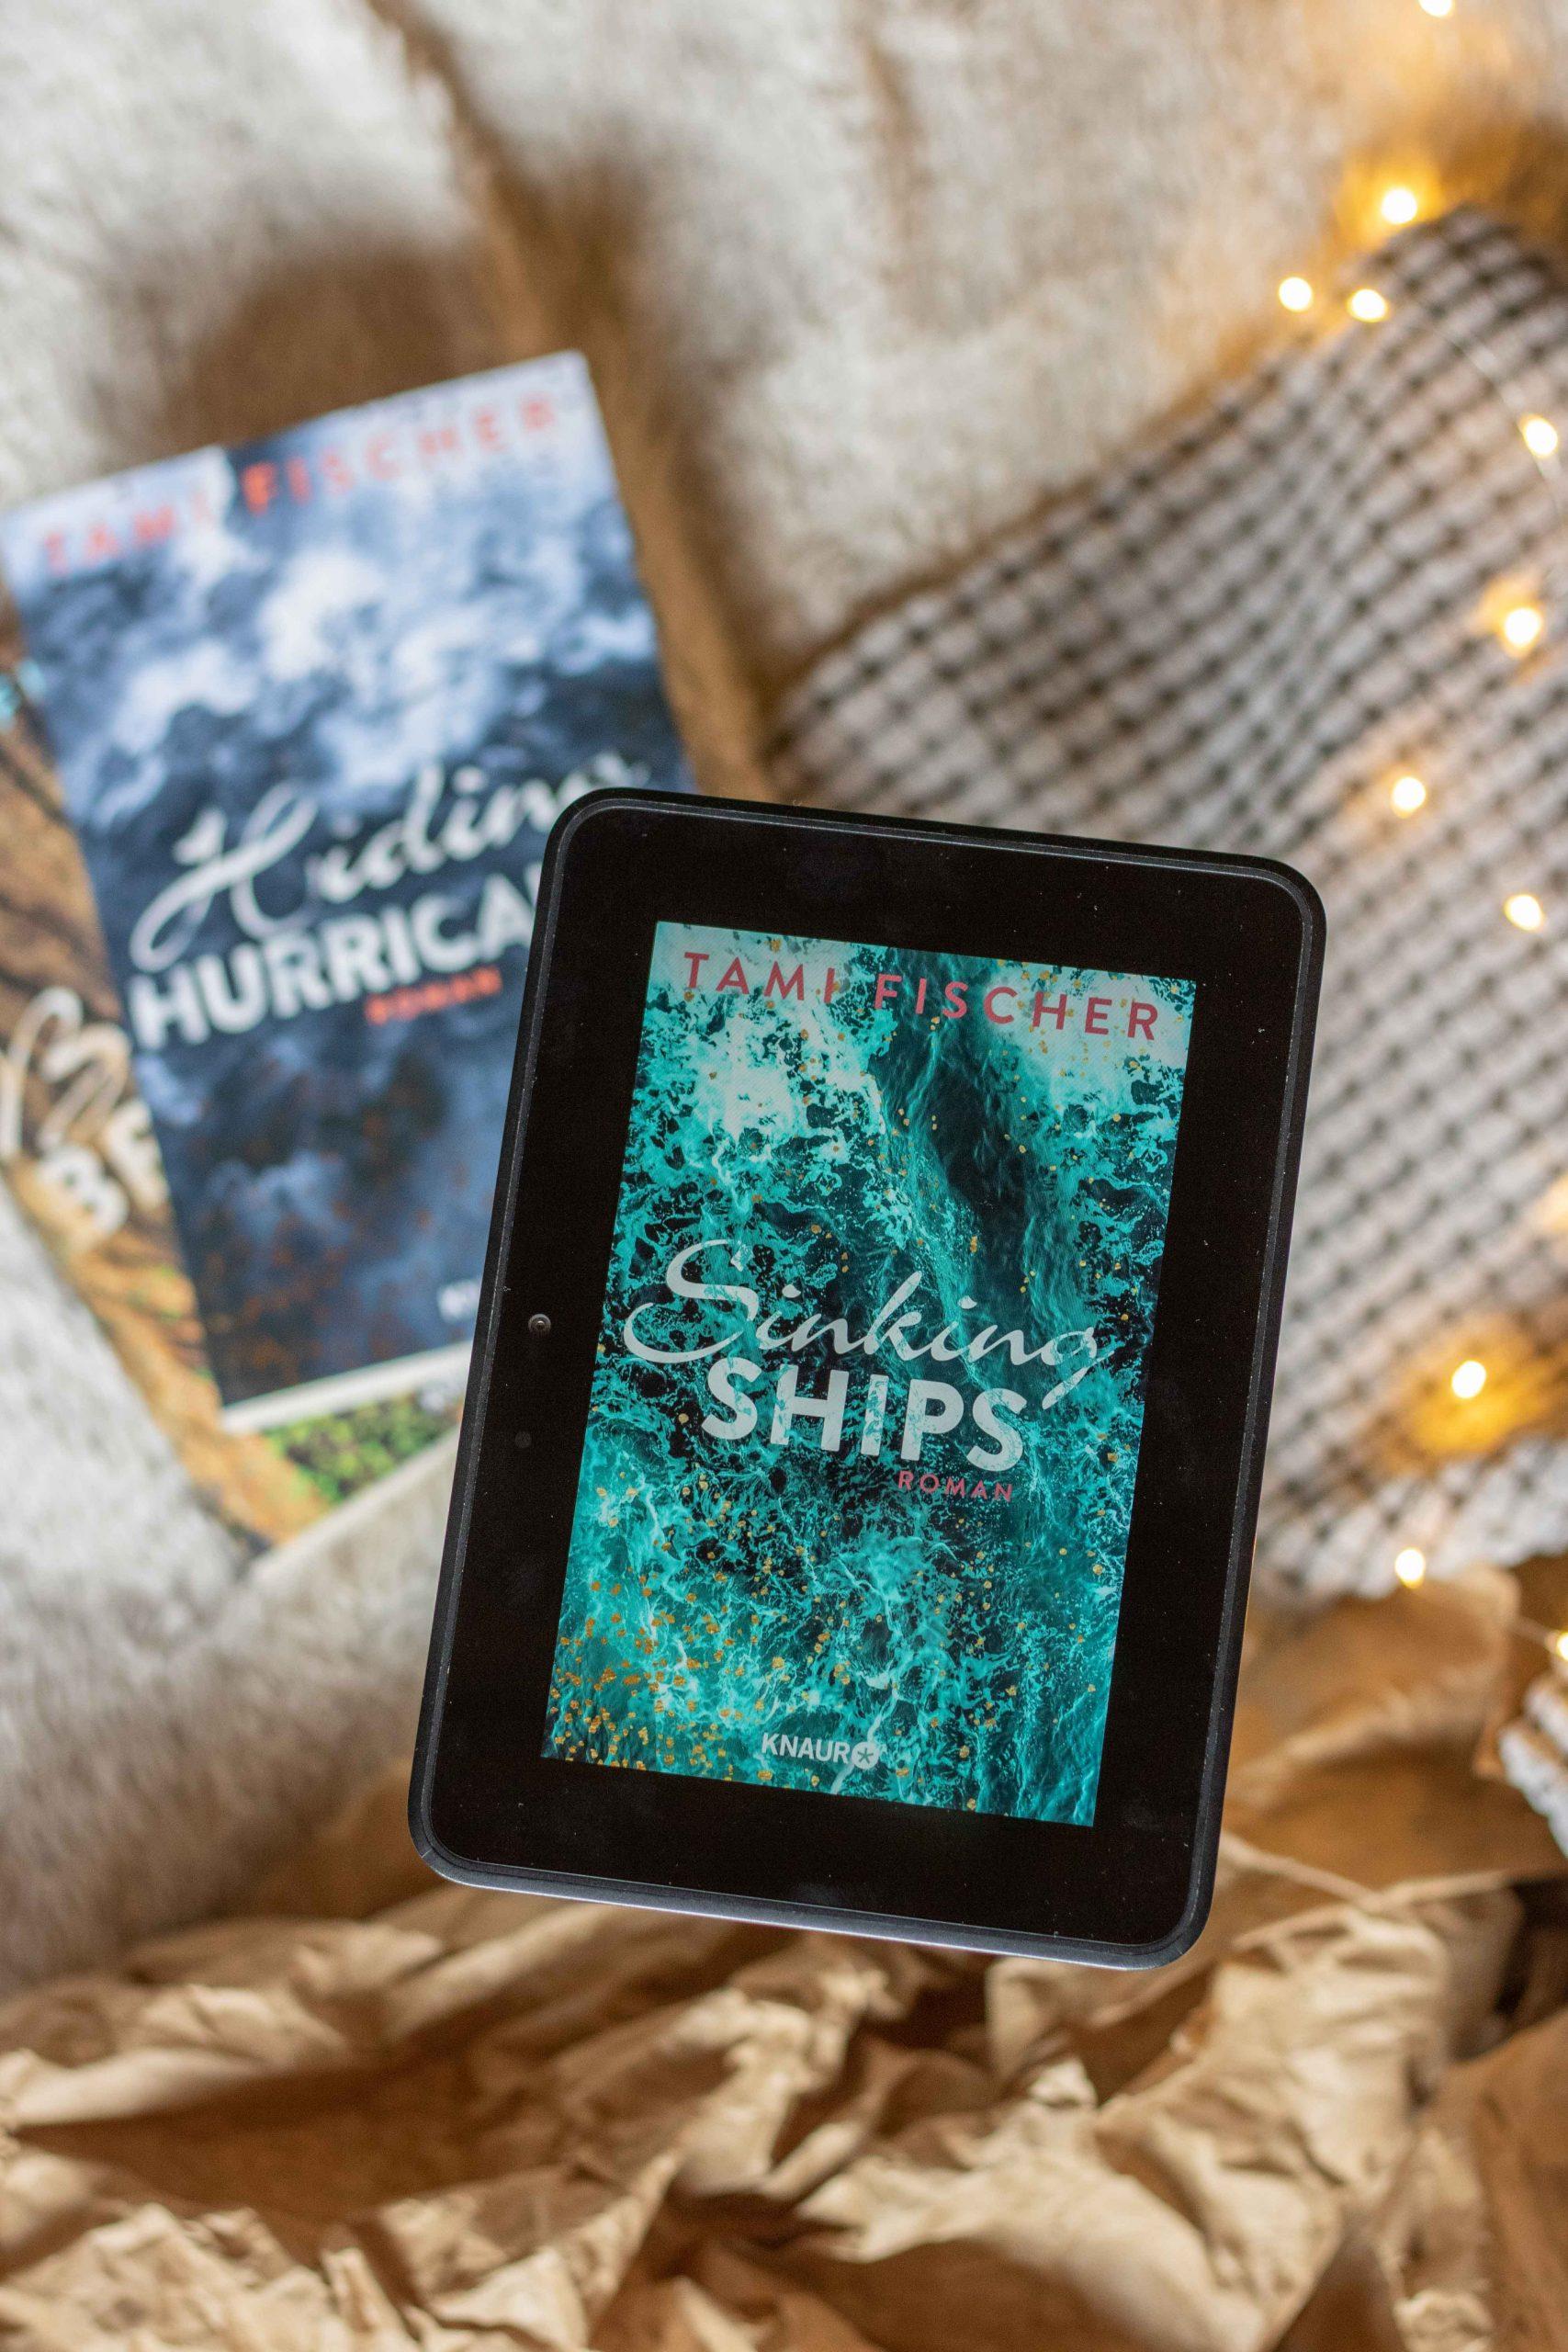 Sinking Ships – Fletcher University #2 | Tami Fischer